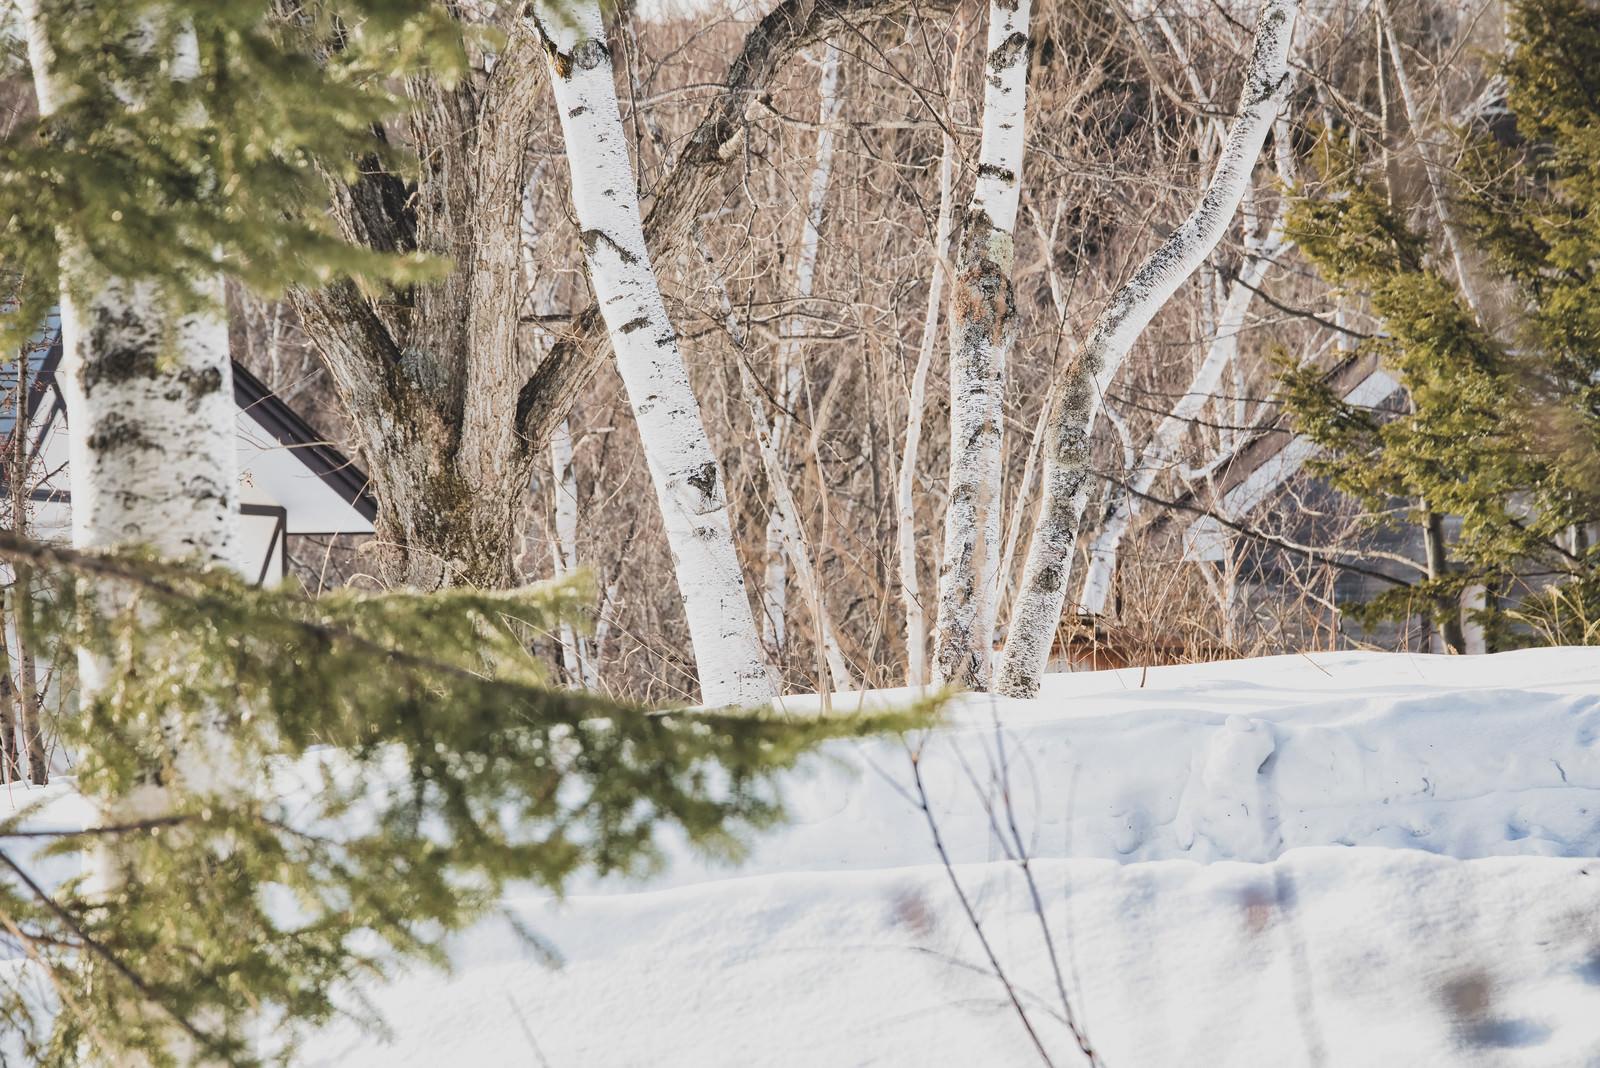 「雪深き白樺の森」の写真